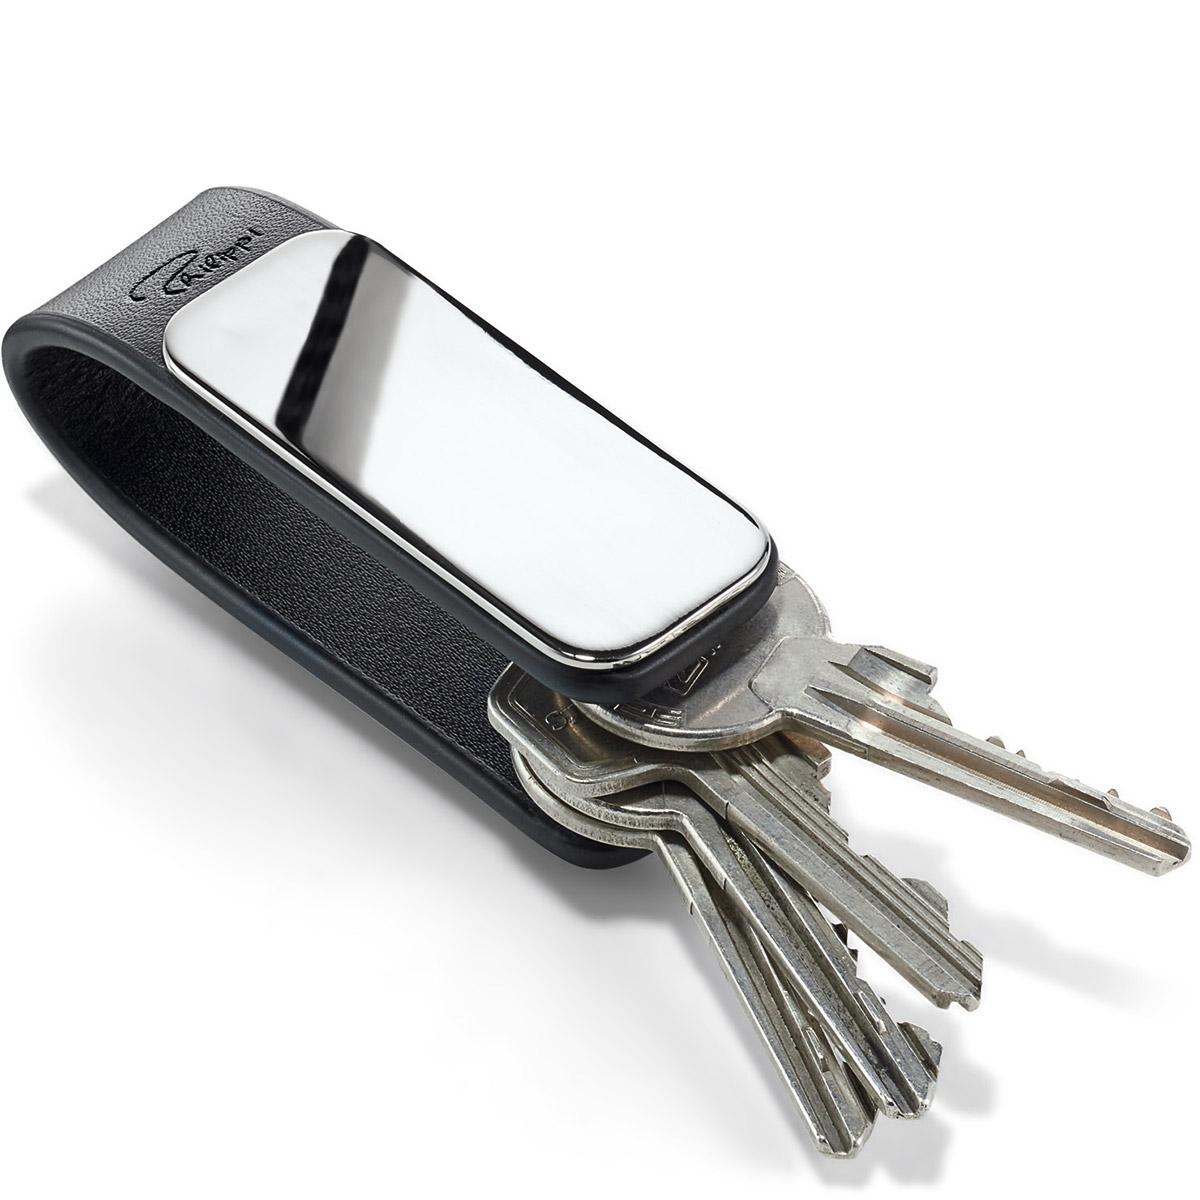 Bardzo dobra Brelok skórzany do kluczy Patent Philippi | sklep internetowy MA83